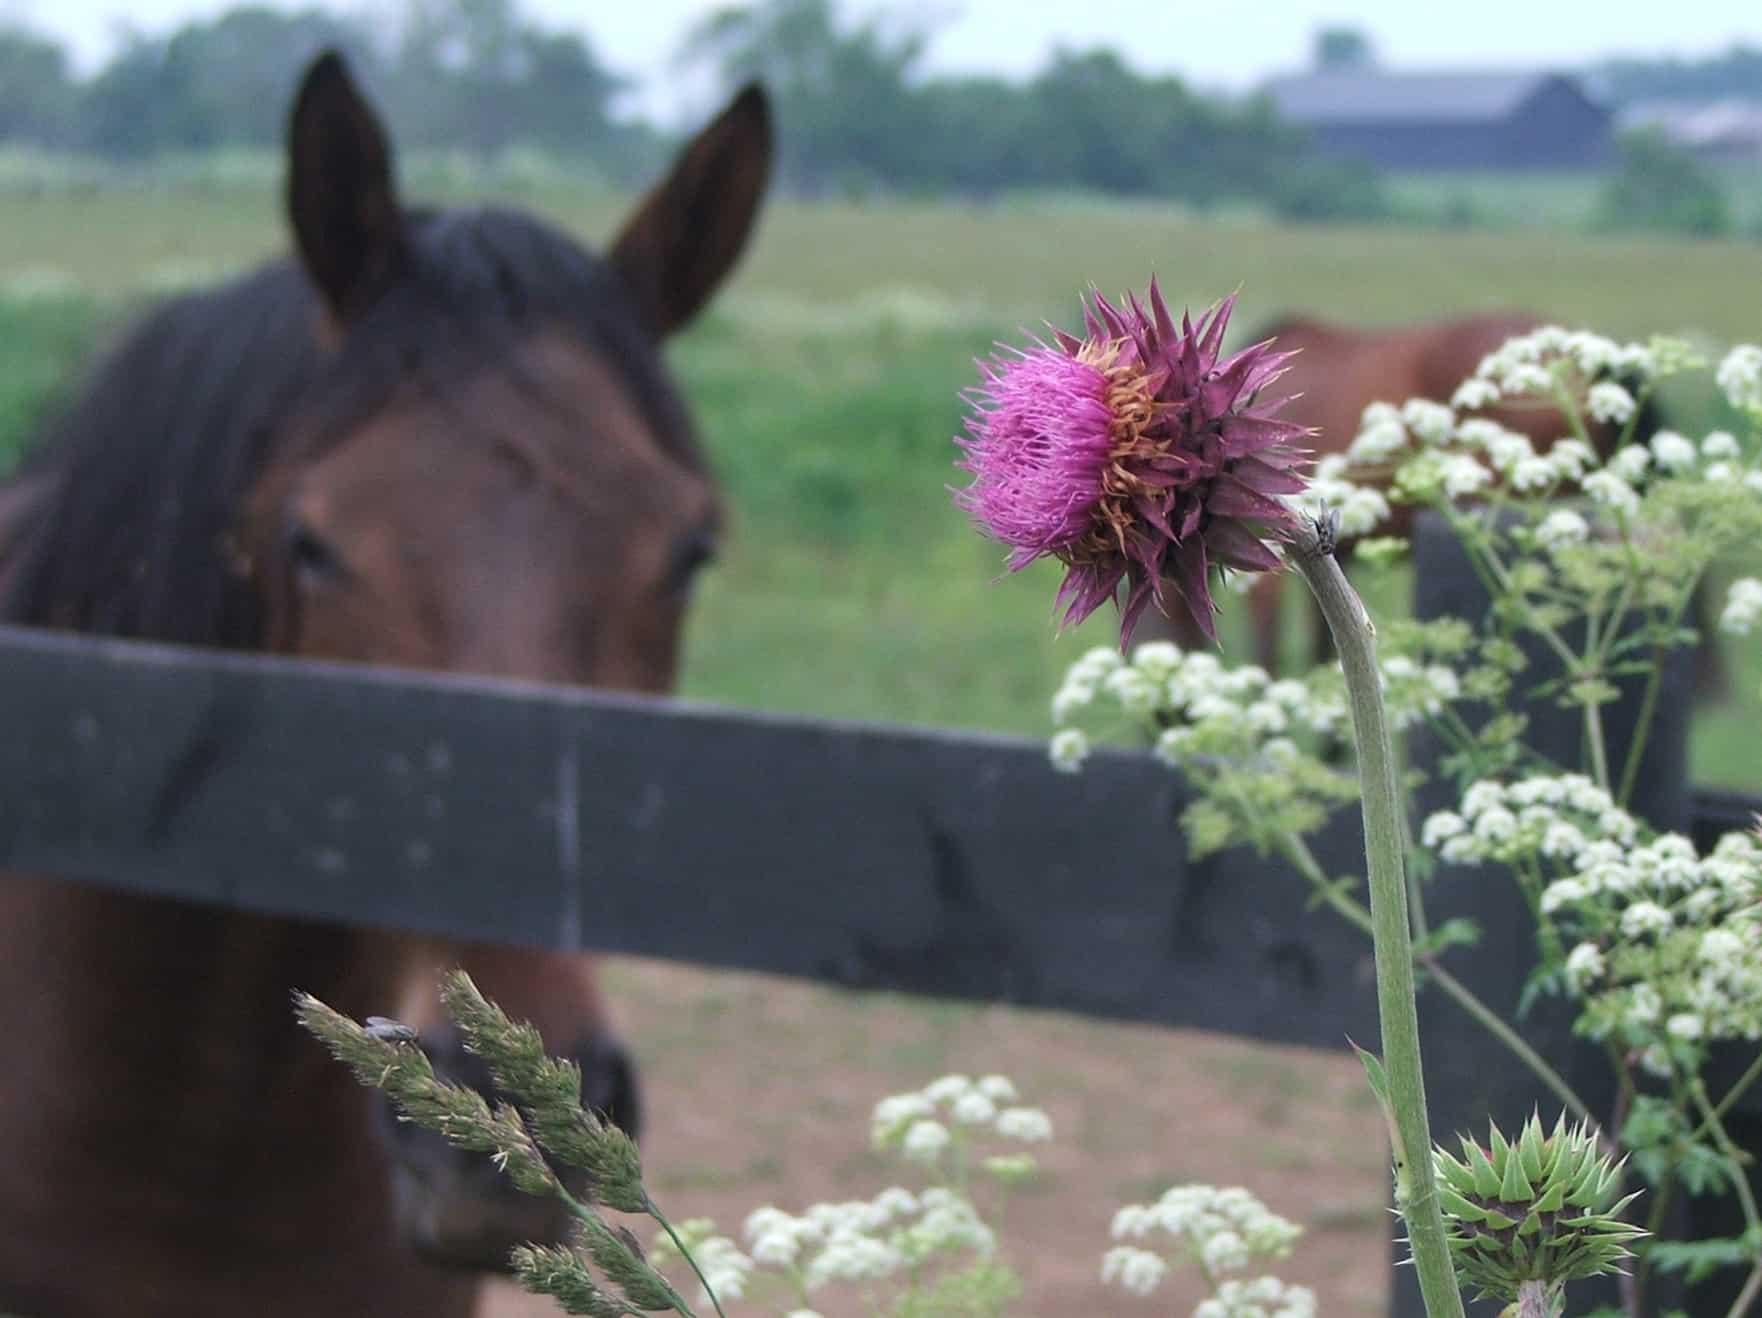 Poisonous Plants The Horse